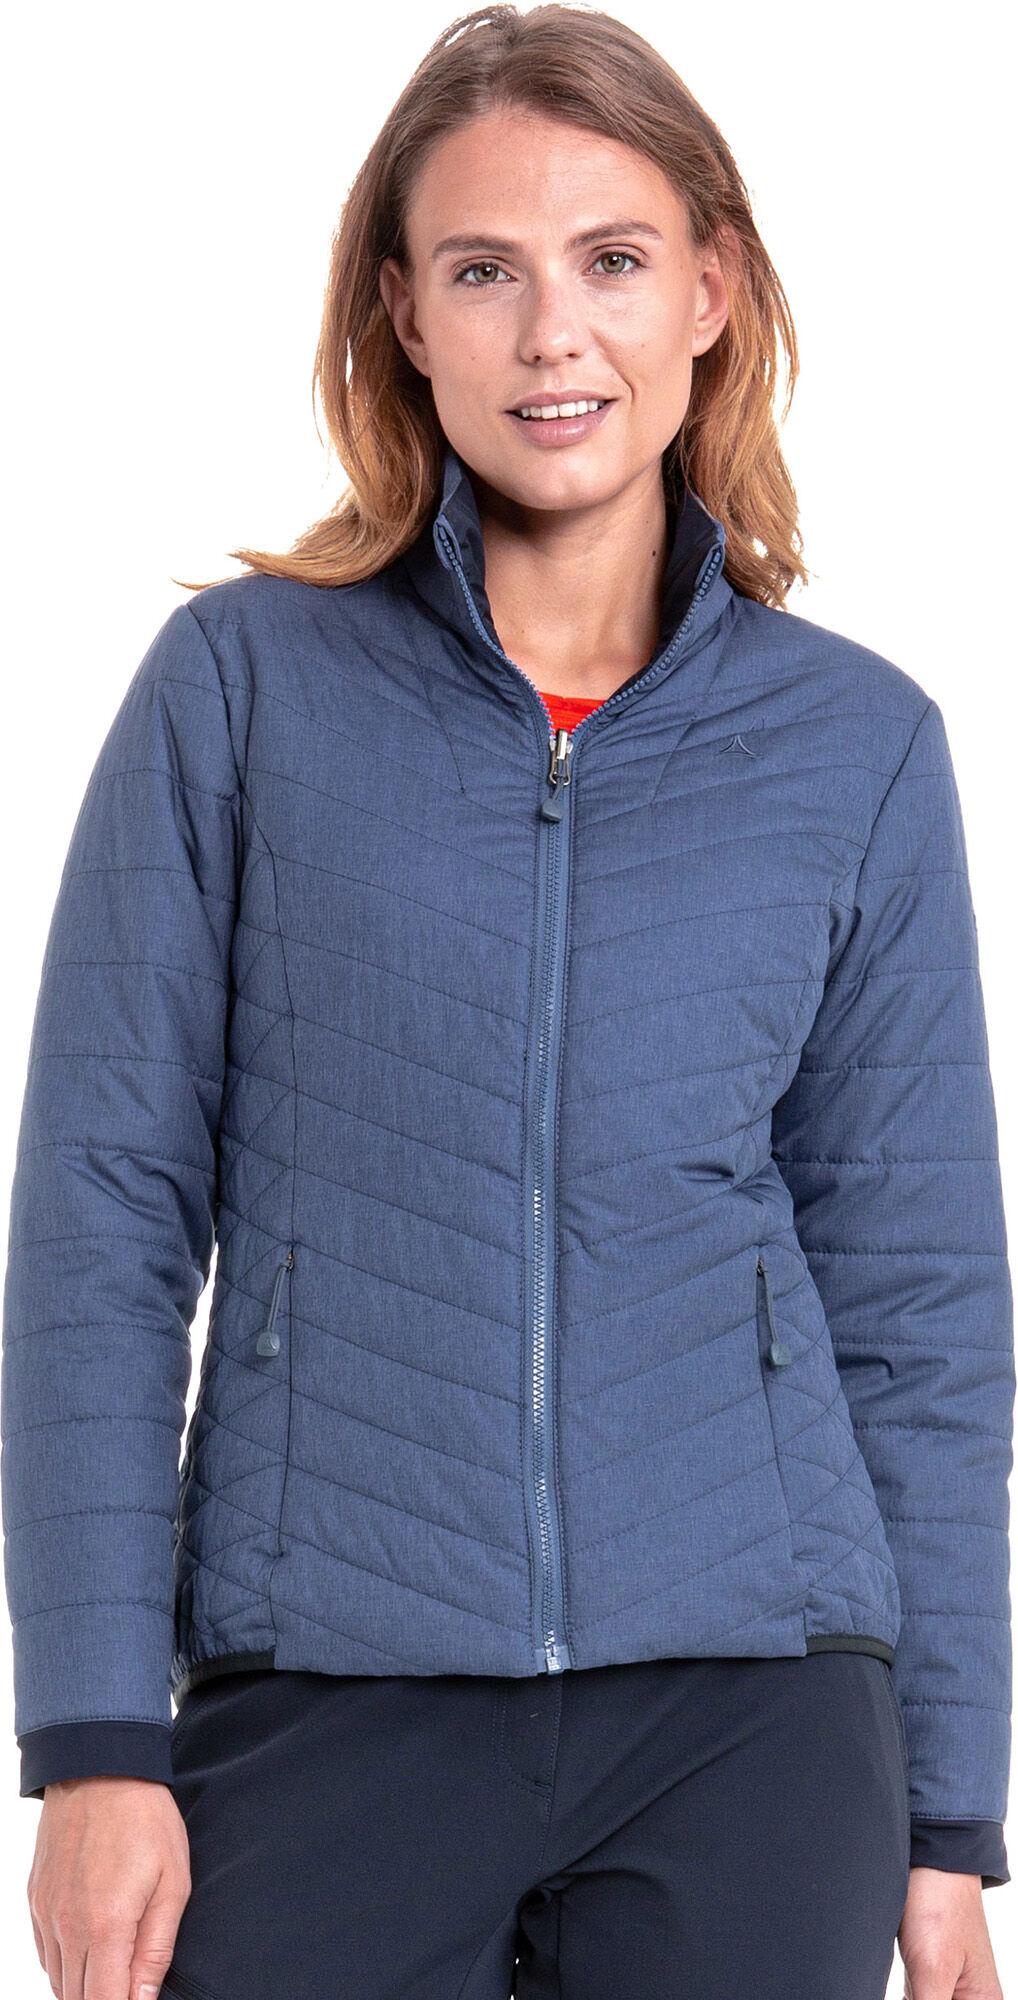 Für KaufenIntersport Online Jacken Damen ch xshCQtrdB